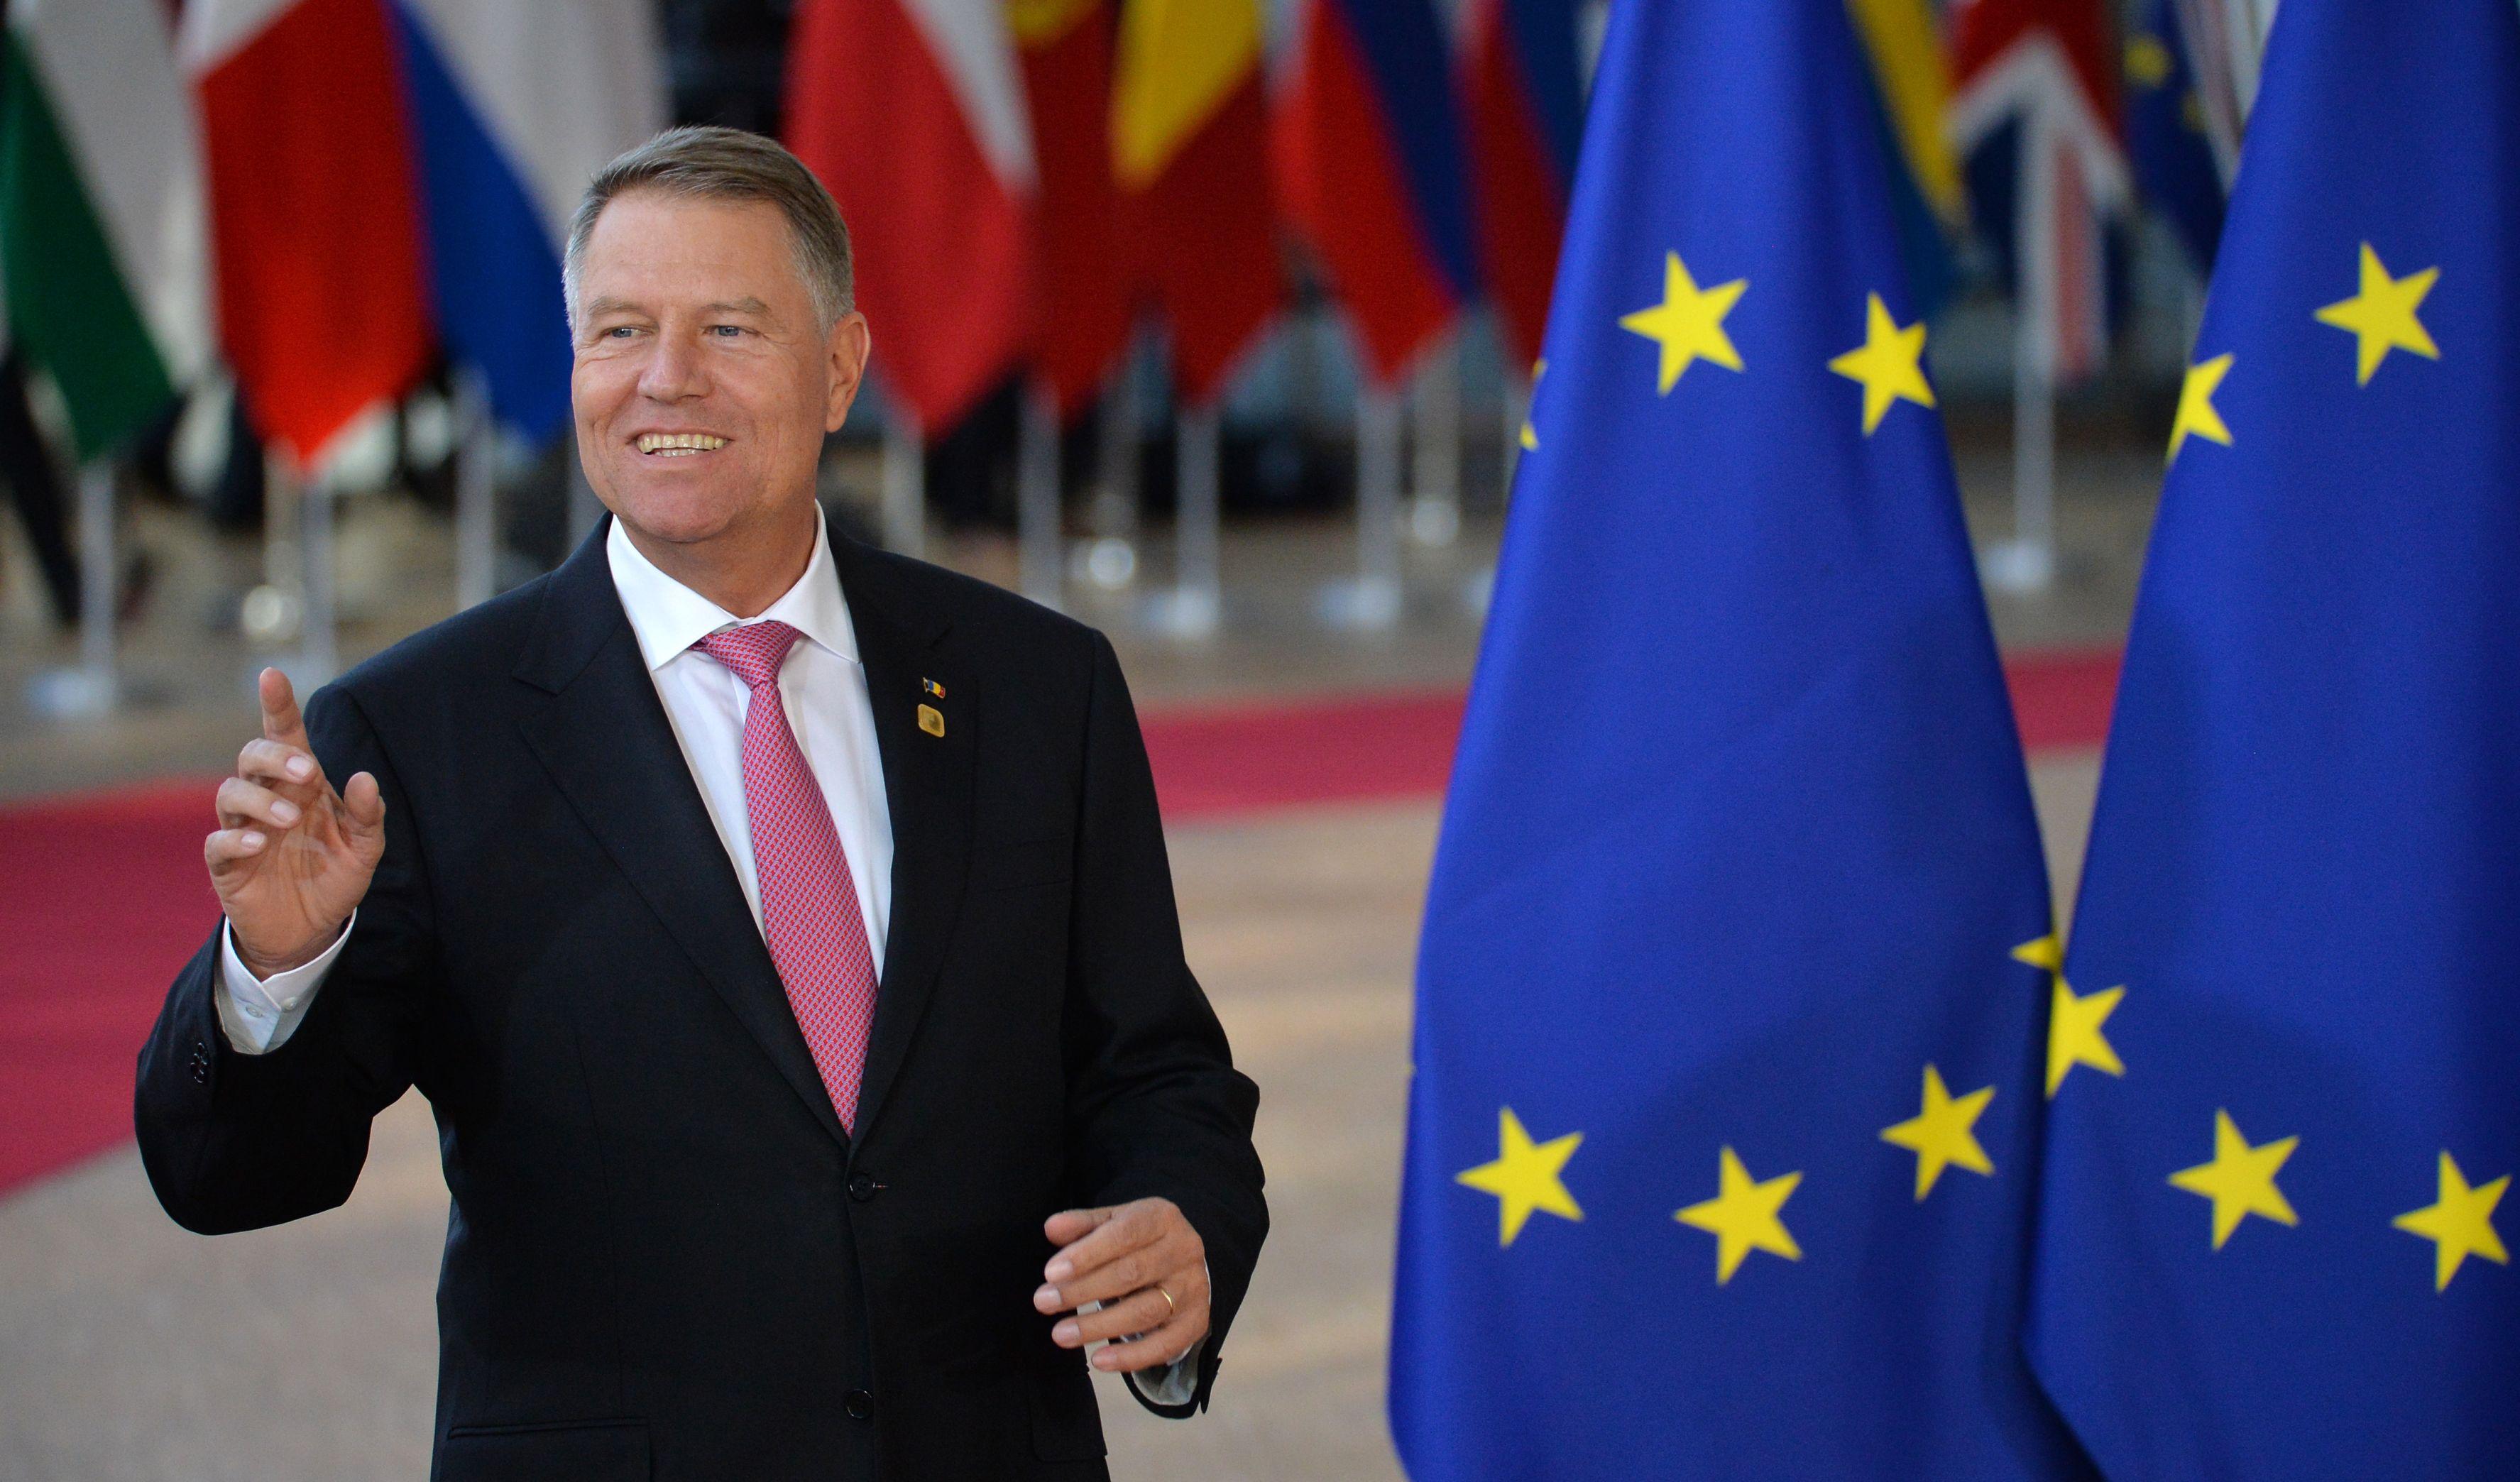 OFICIAL! Referendumul a fost VALIDAT! Victorie pentru Klaus Iohannis: Coruptii vor merge la INCHISOARE